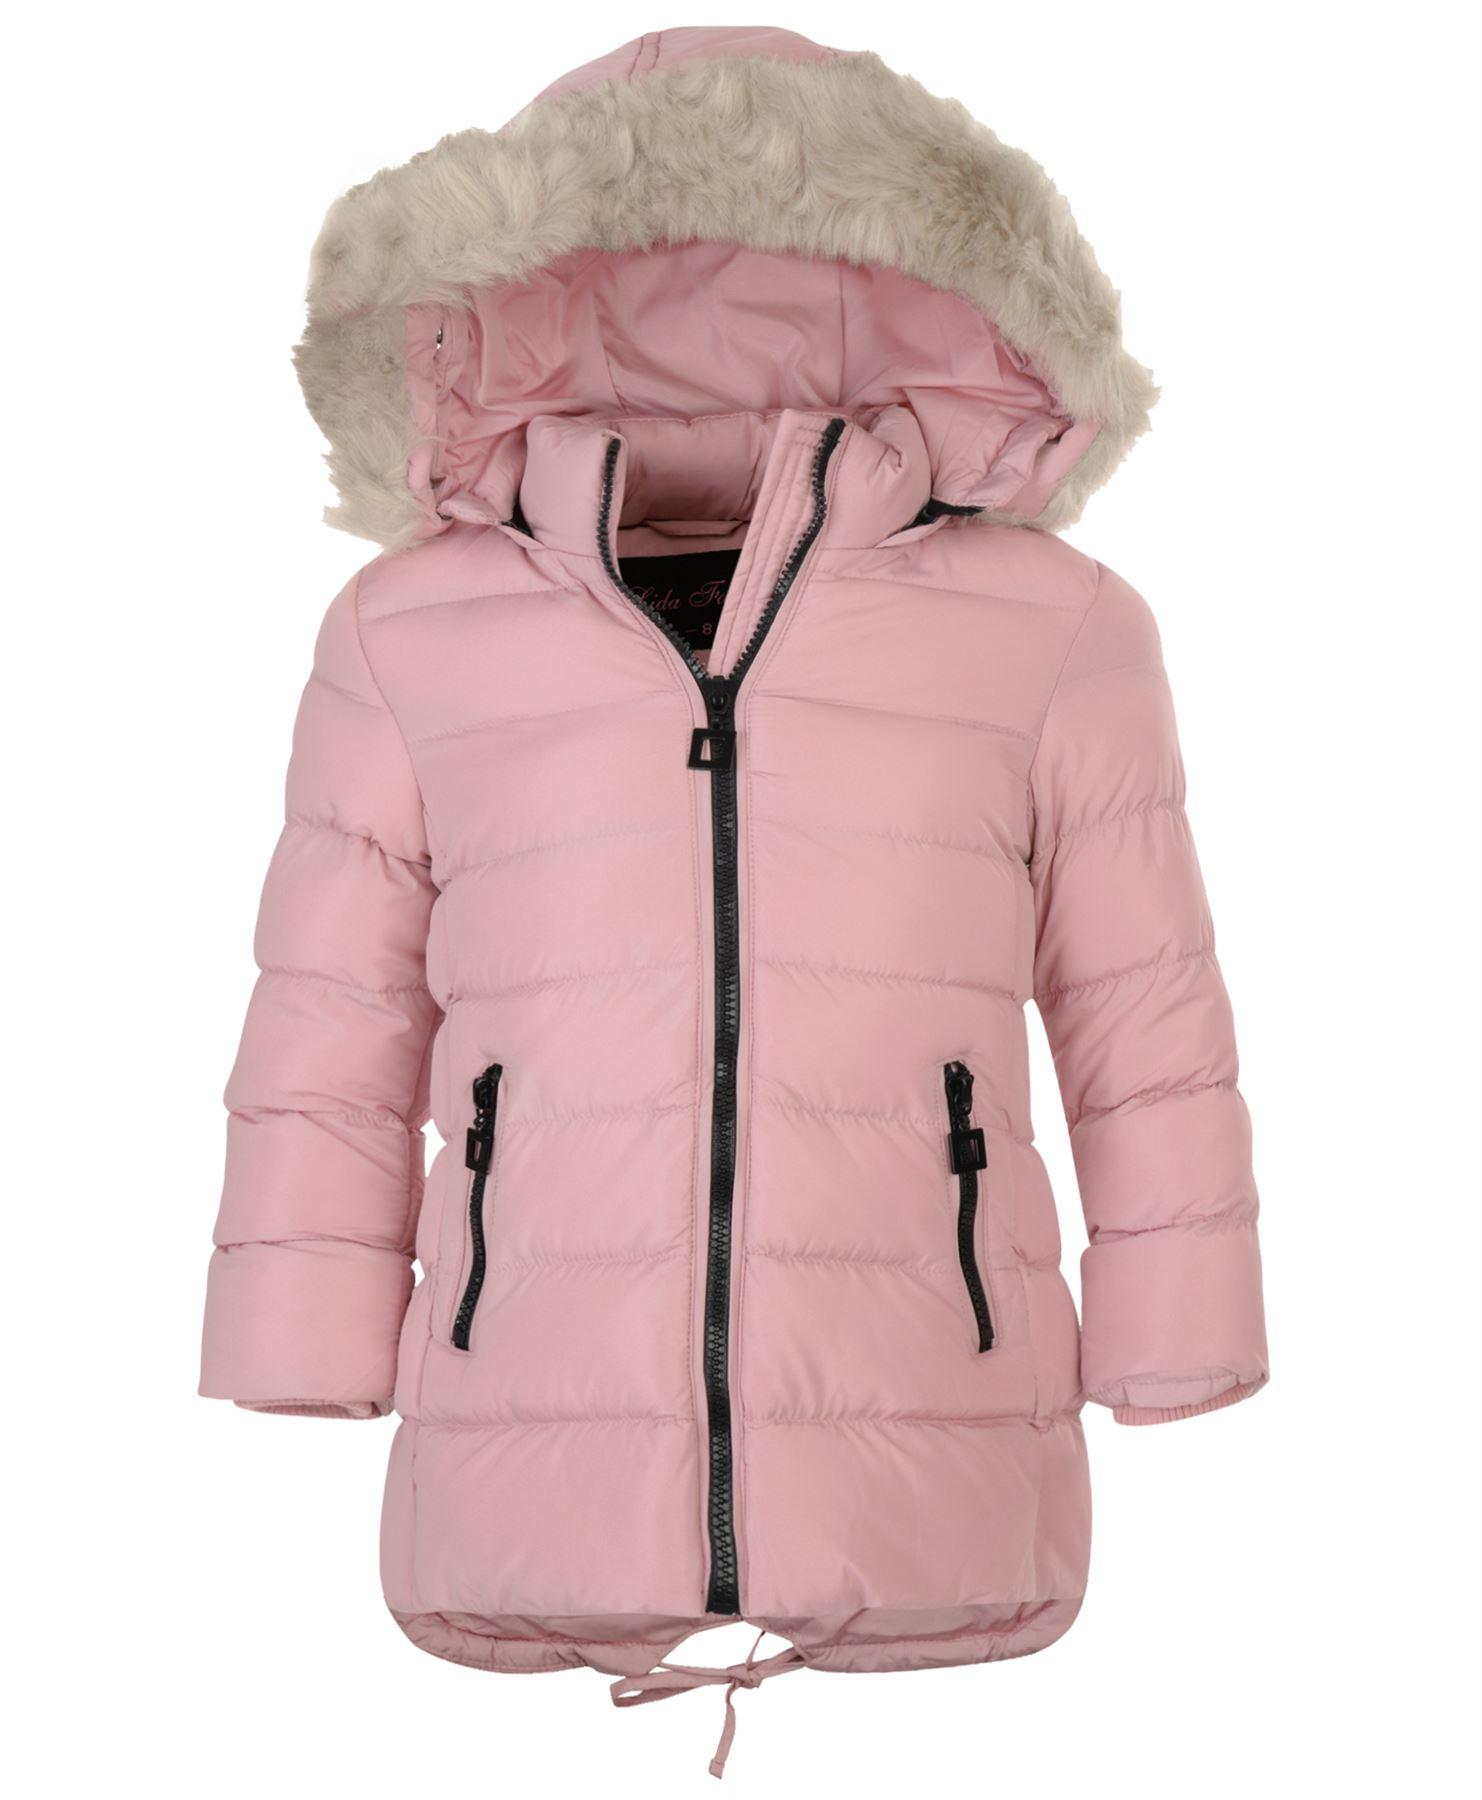 71218974a530 Girls Long Down Quilted Winter Parka Jacket Kids Detach Hood Zip ...